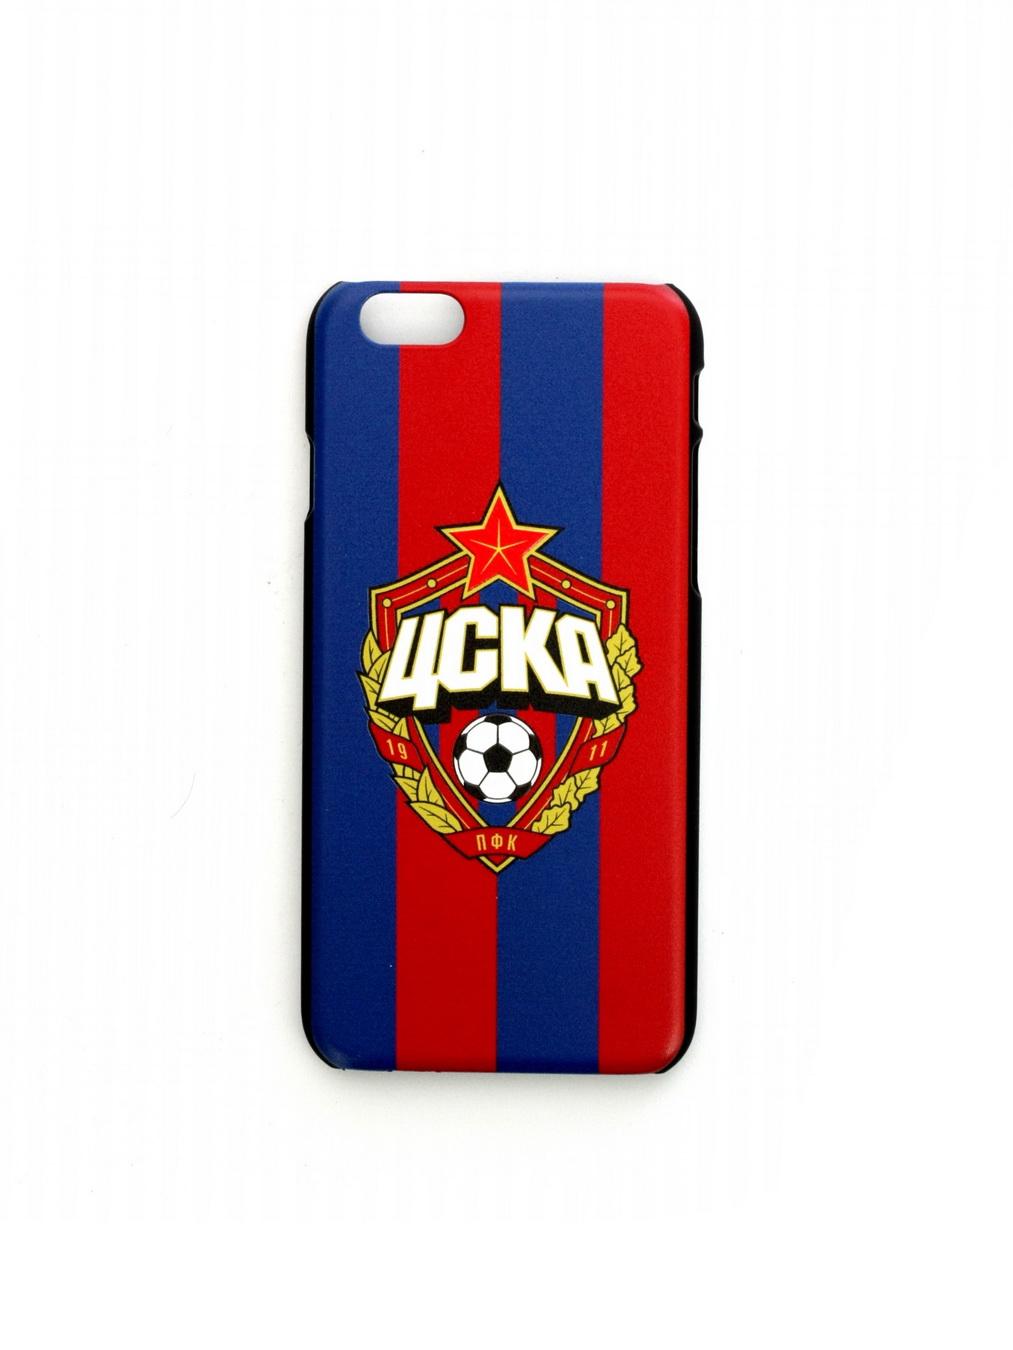 Клип-кейс для iPhone 6 Plus с объемной эмблемой ПФК ЦСКА, цвет красно-синий